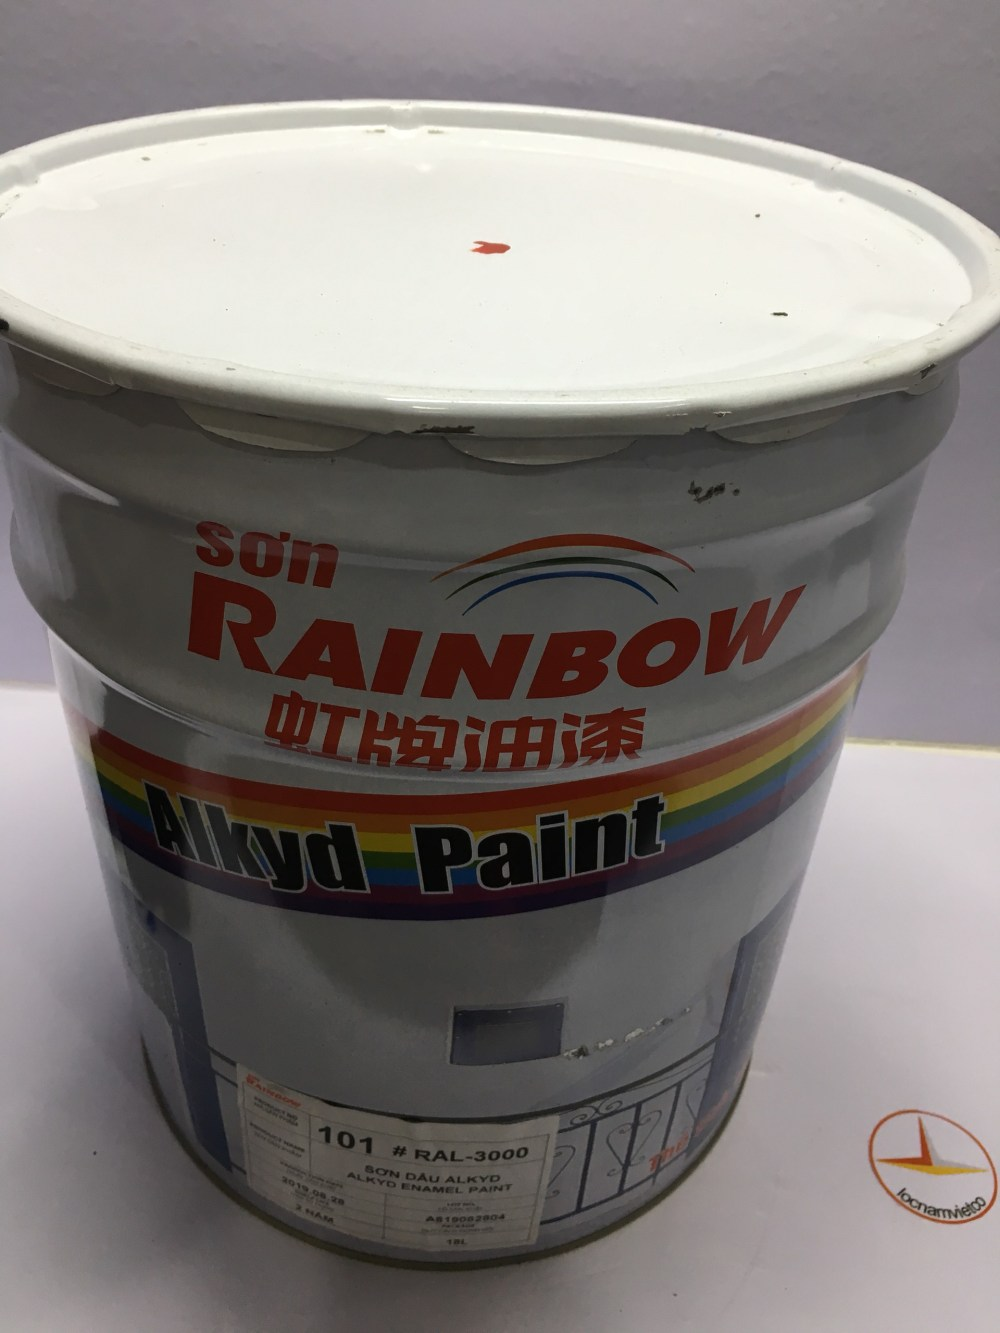 SON ALKYD RAINBOW MAU DO RAL 3000 -18L (1)